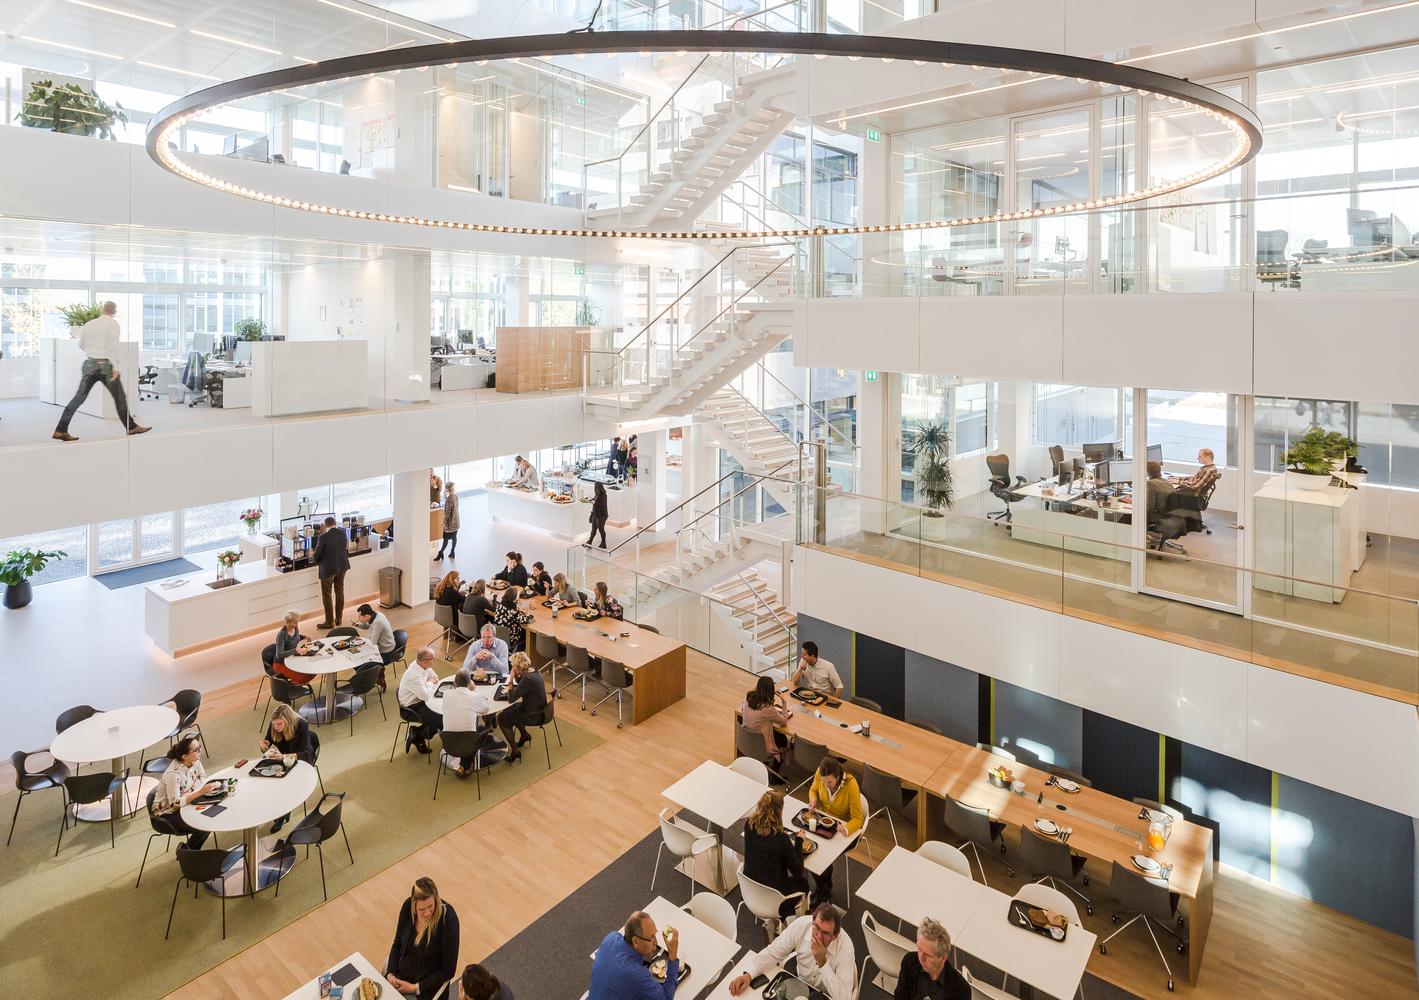 Van Spaendonck Enterprise House / architectenbureau cepezed